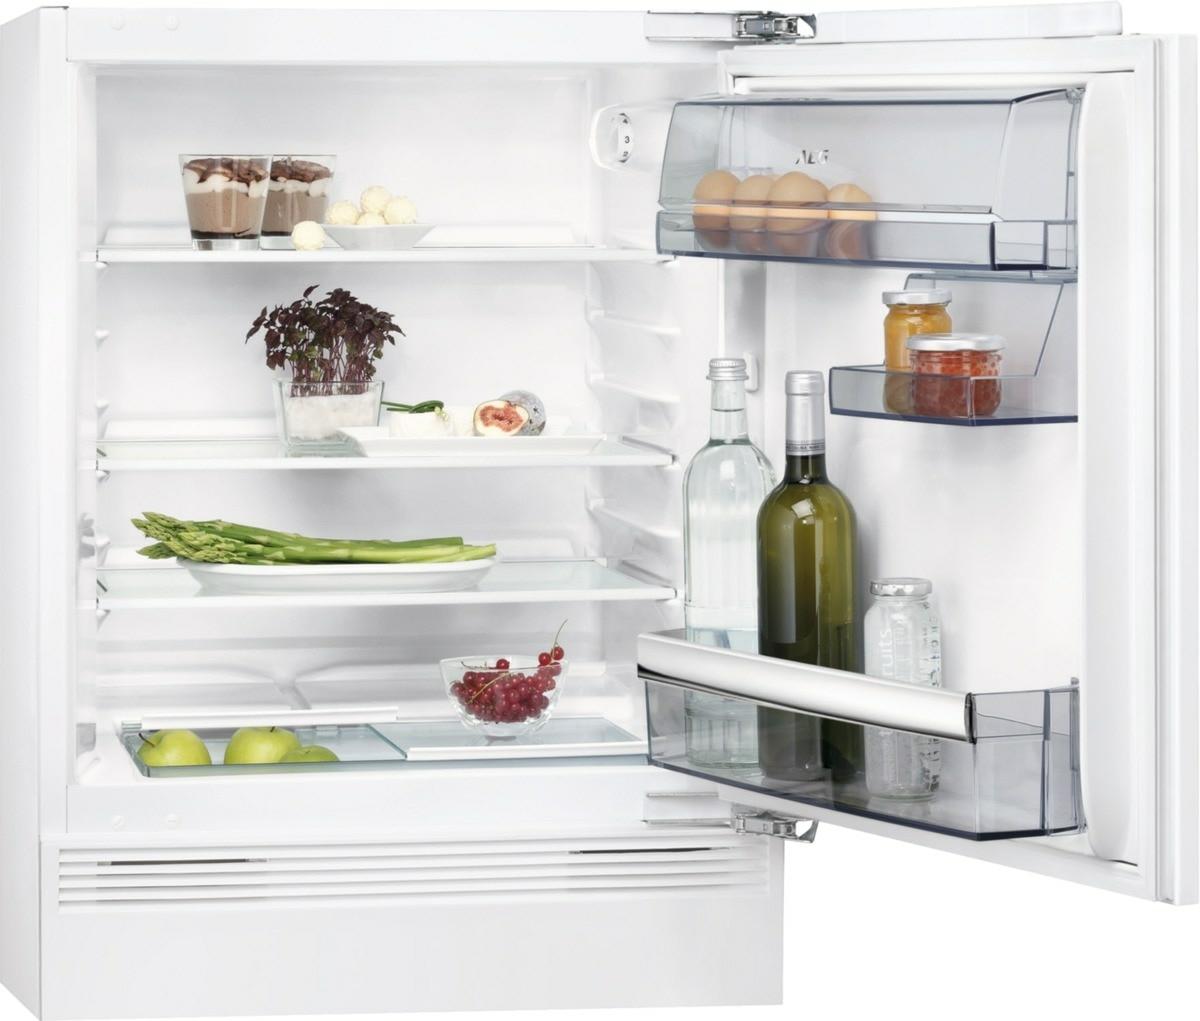 AEG AEG SKB582F1AF Unterbau-Kühlschrank ohne Gefrierfach 133 L,Festtür